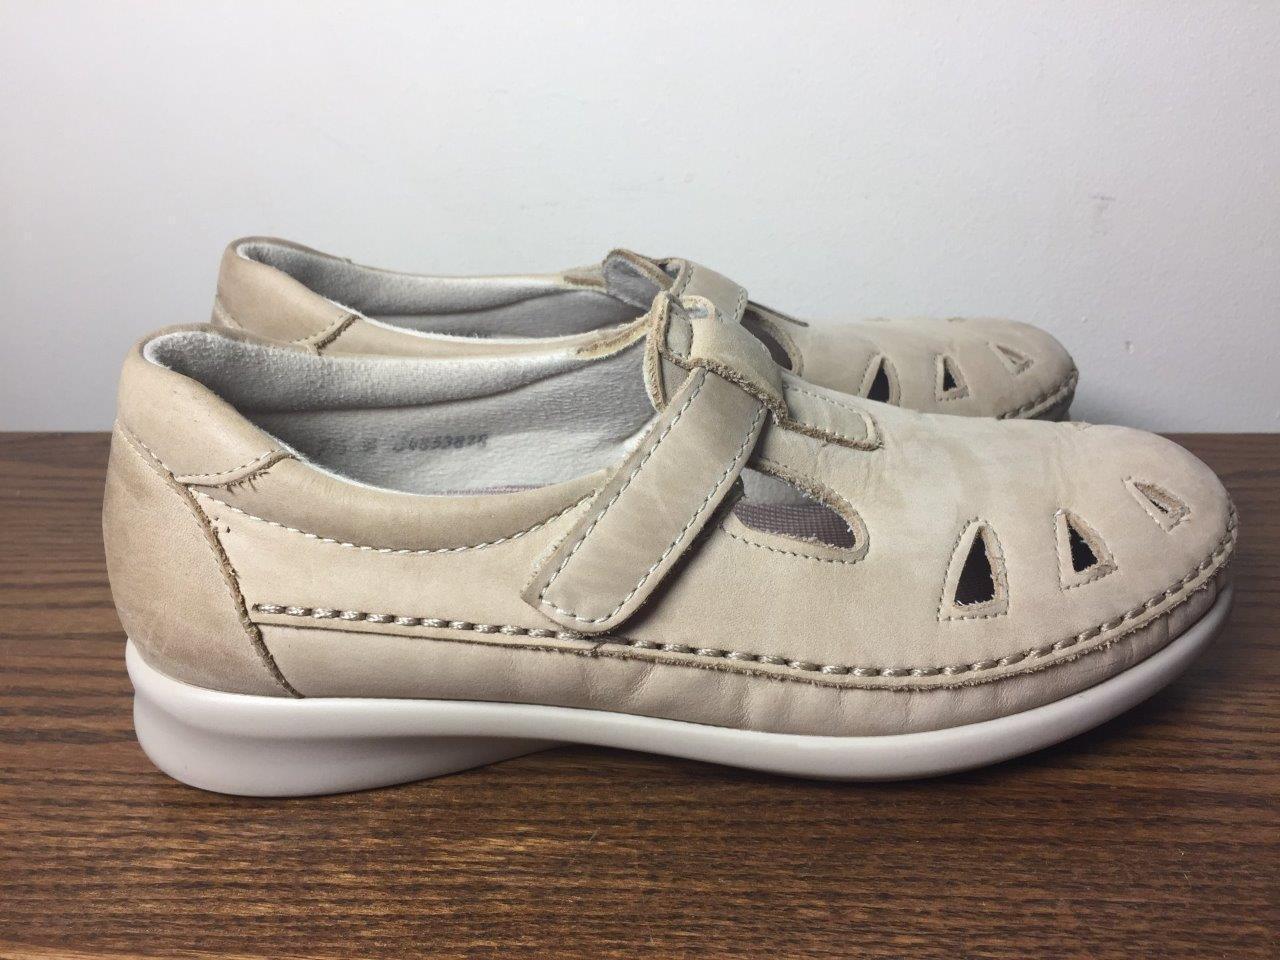 consegna veloce SAS donna Dimensione 7 1 1 1 2 W ROAMER Beige Tripad Comfort Walking scarpe Made in USA  alta quaità